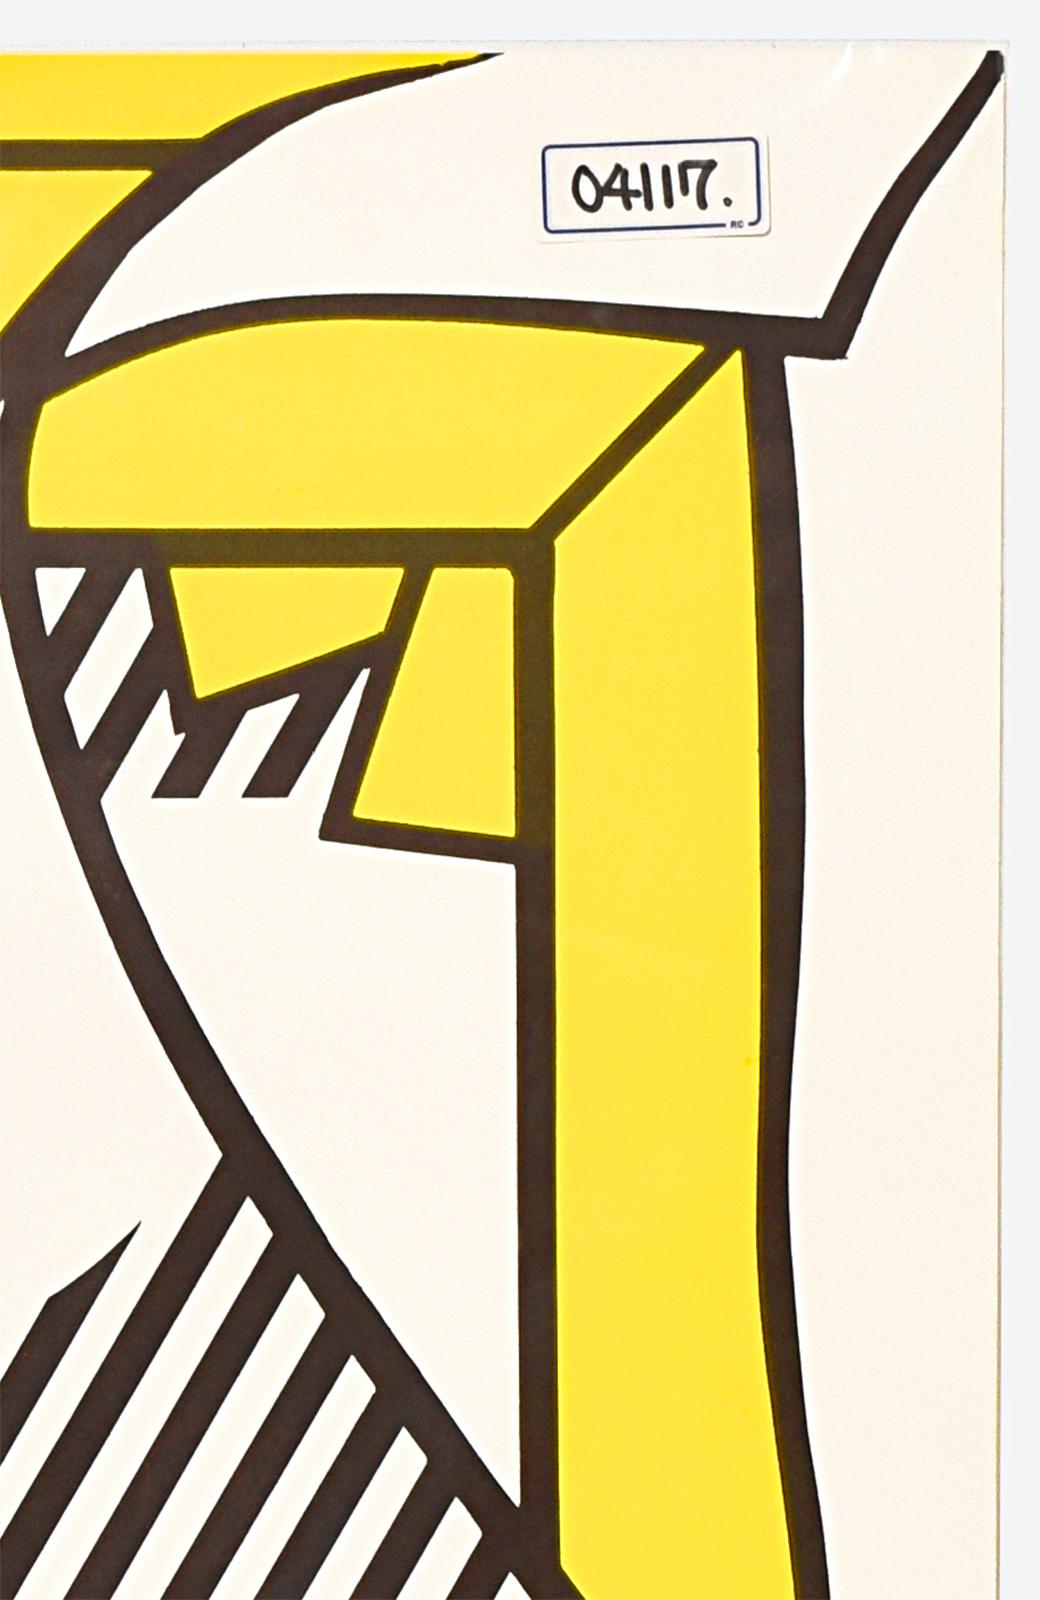 haco! 【アート】ロイ・リキテンスタイン 「Art About Art」 <その他>の商品写真4